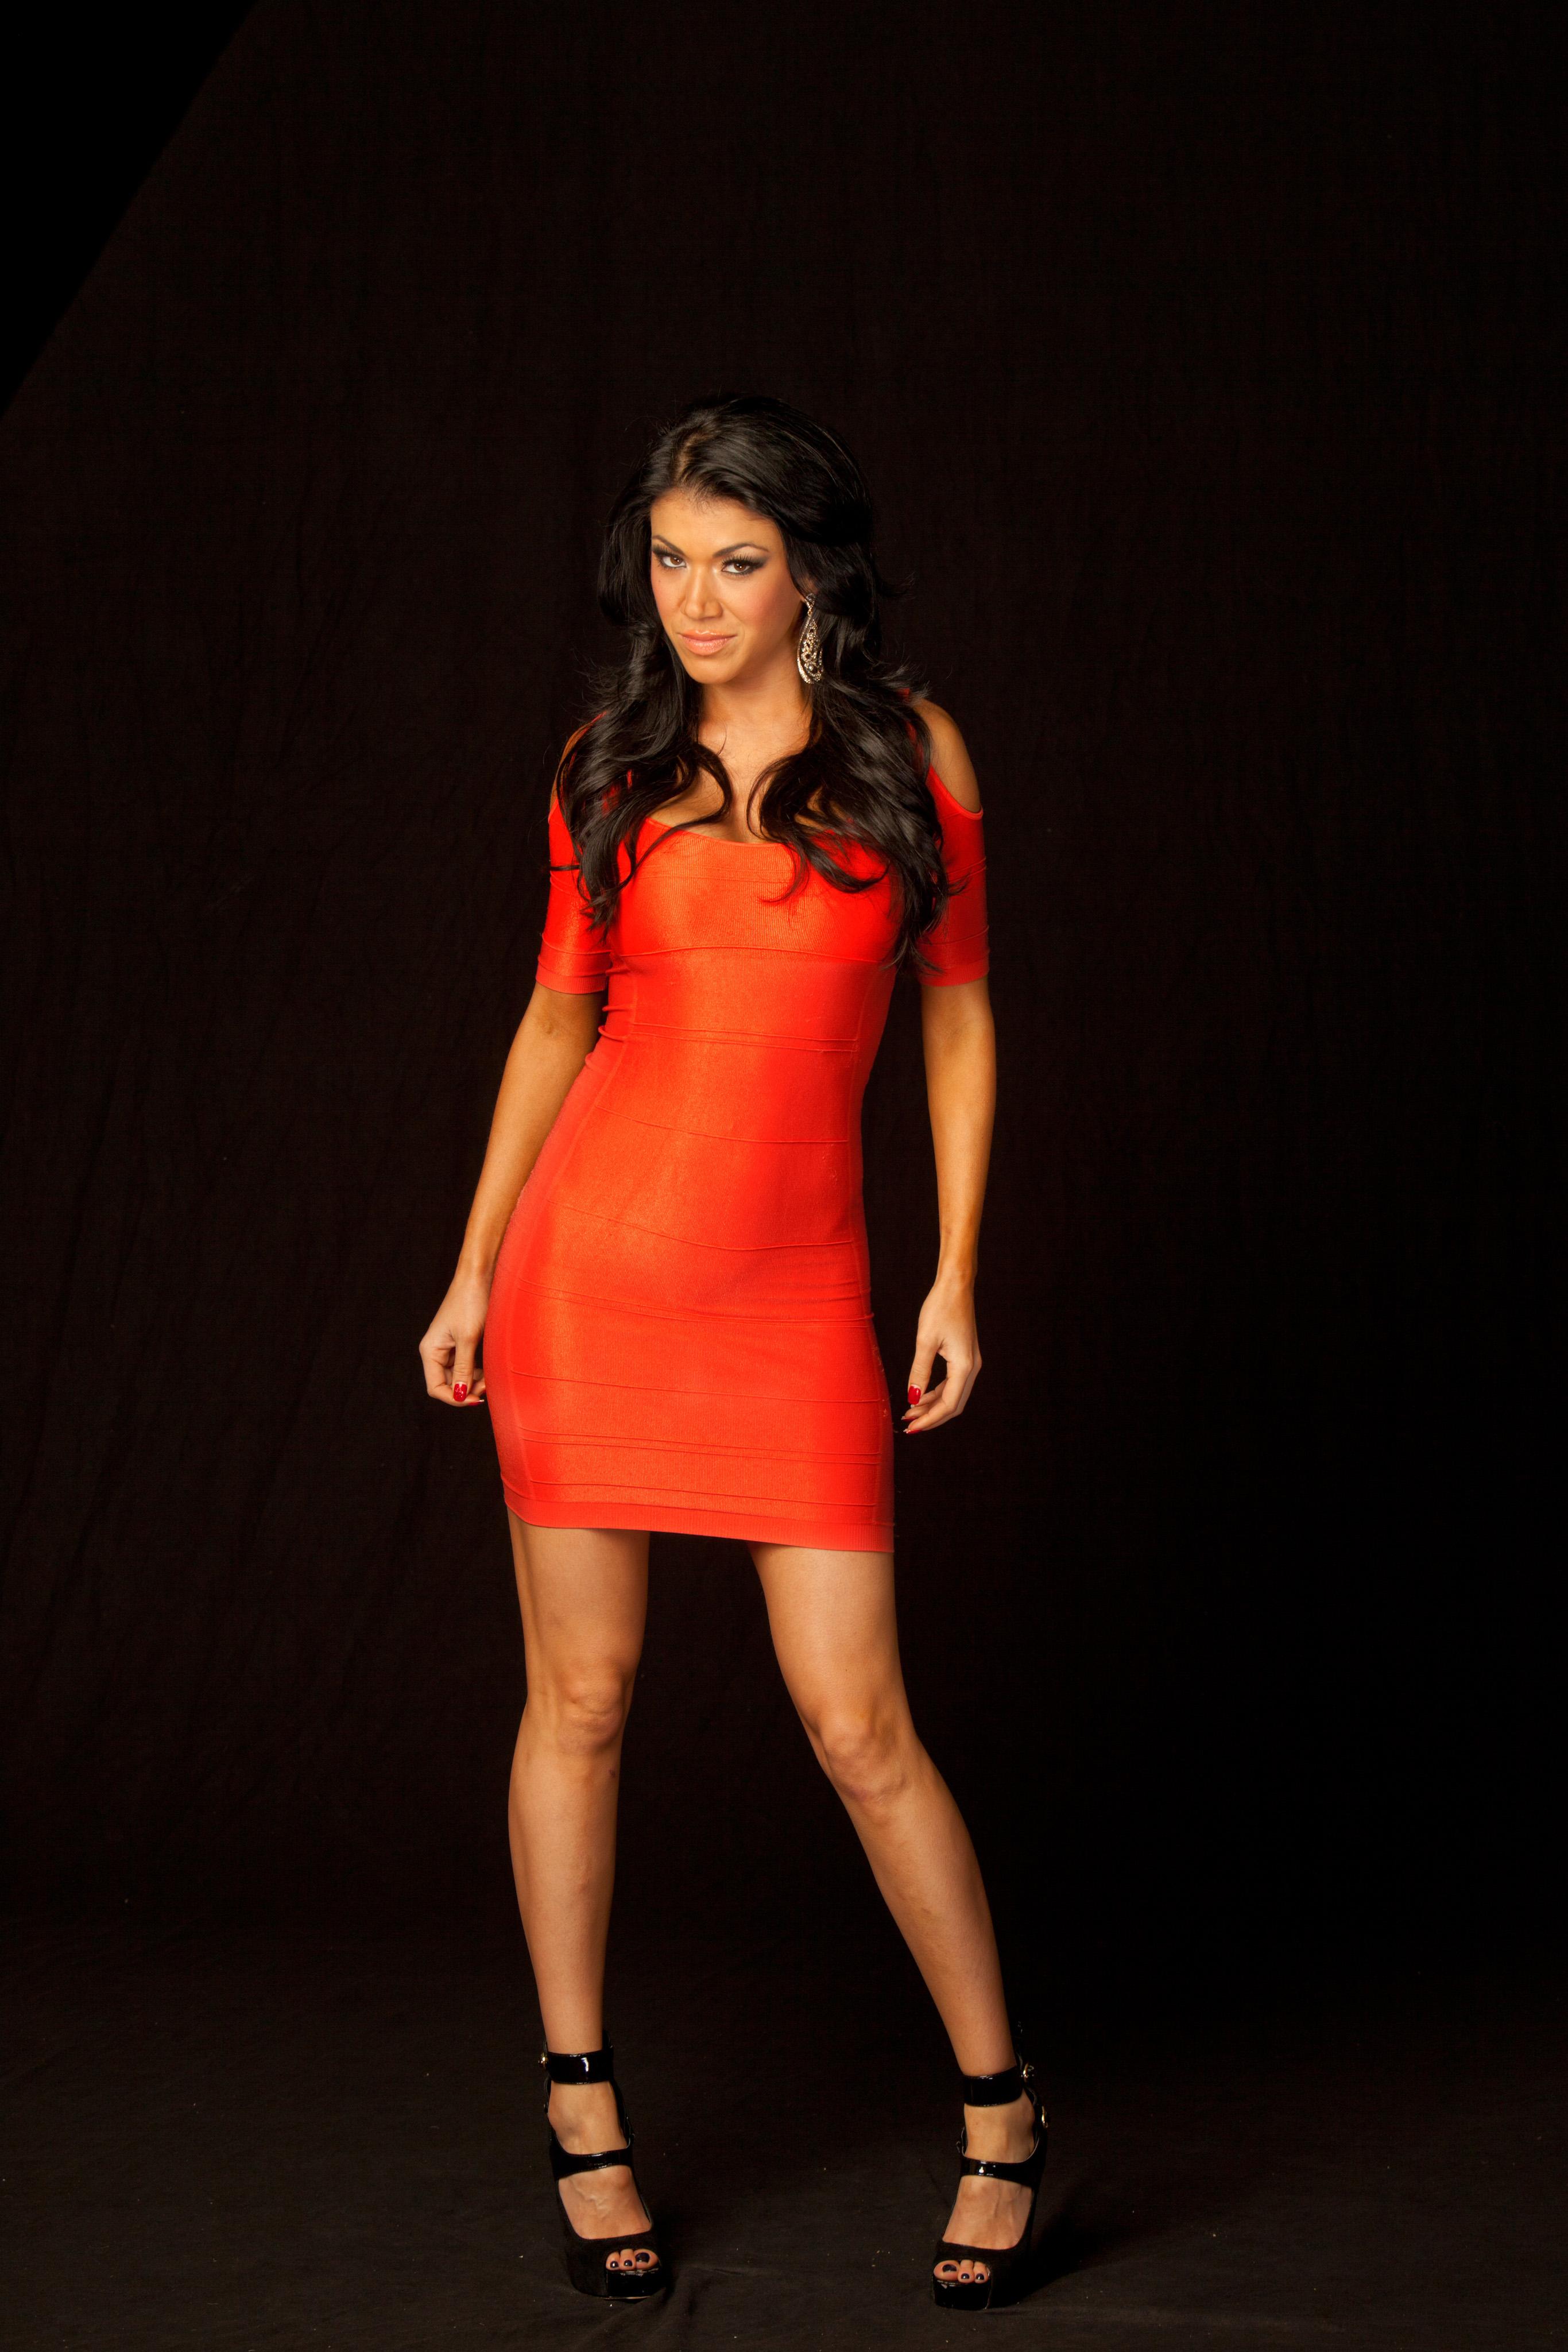 Rosa Mendes - Pro Wrestling Wiki - Divas, Knockouts